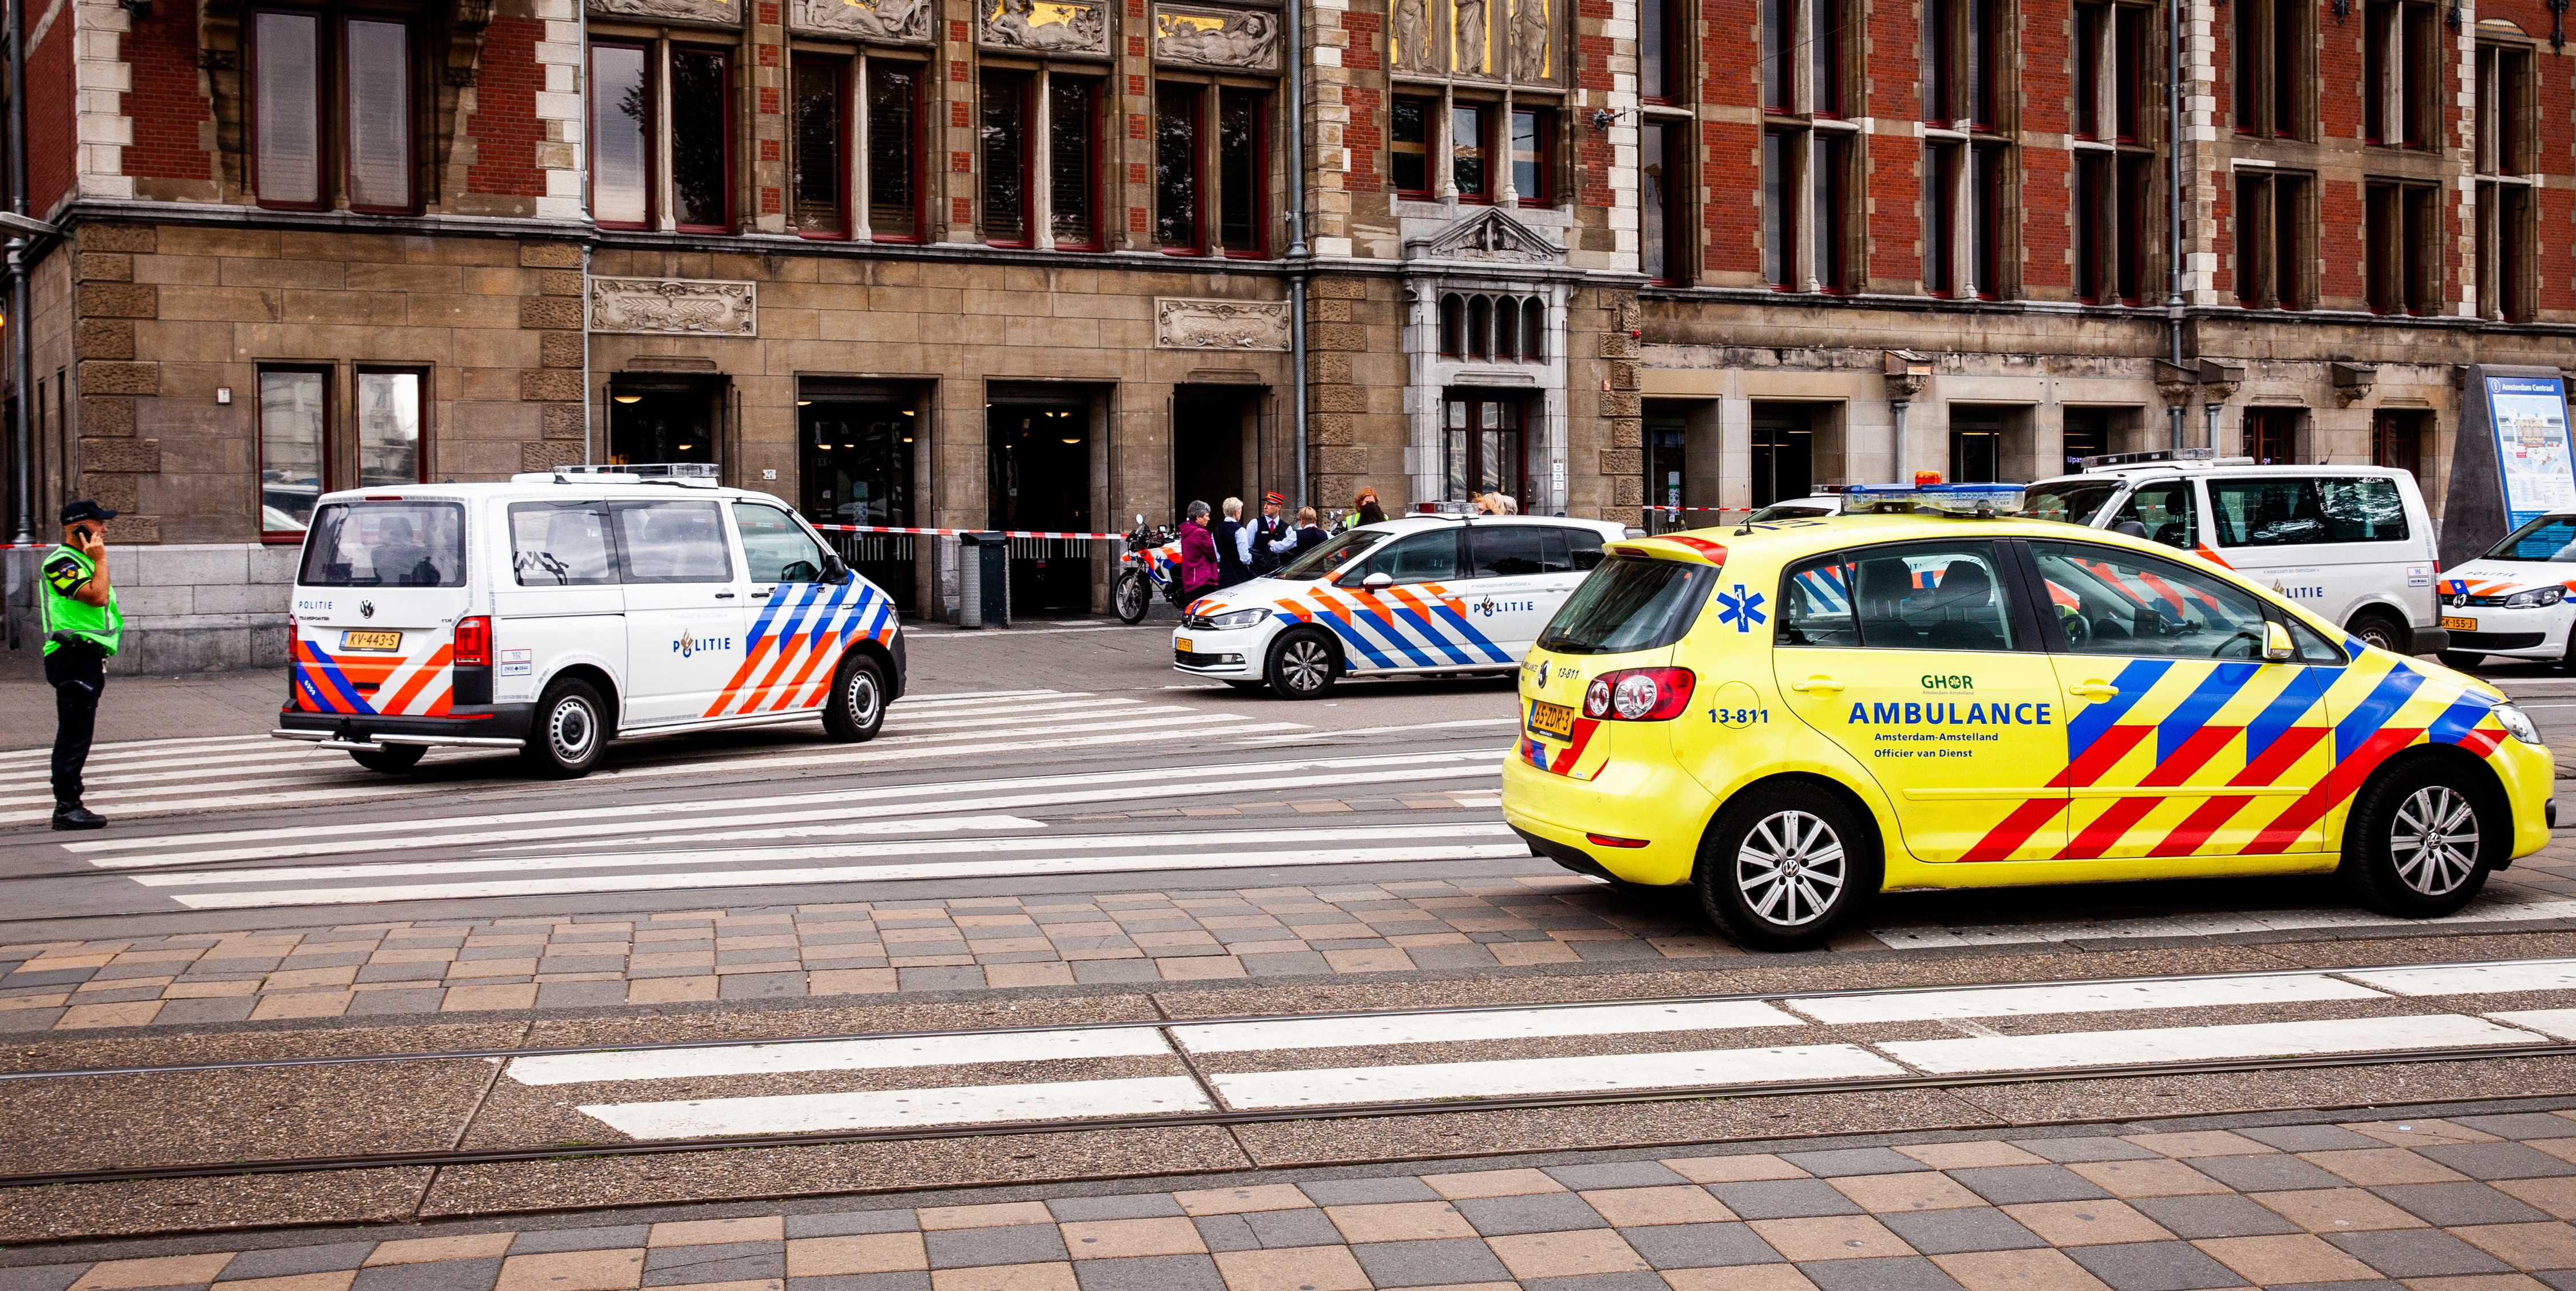 Nizozemska policija uhitila sedmoricu koji su planirali teroristički napad